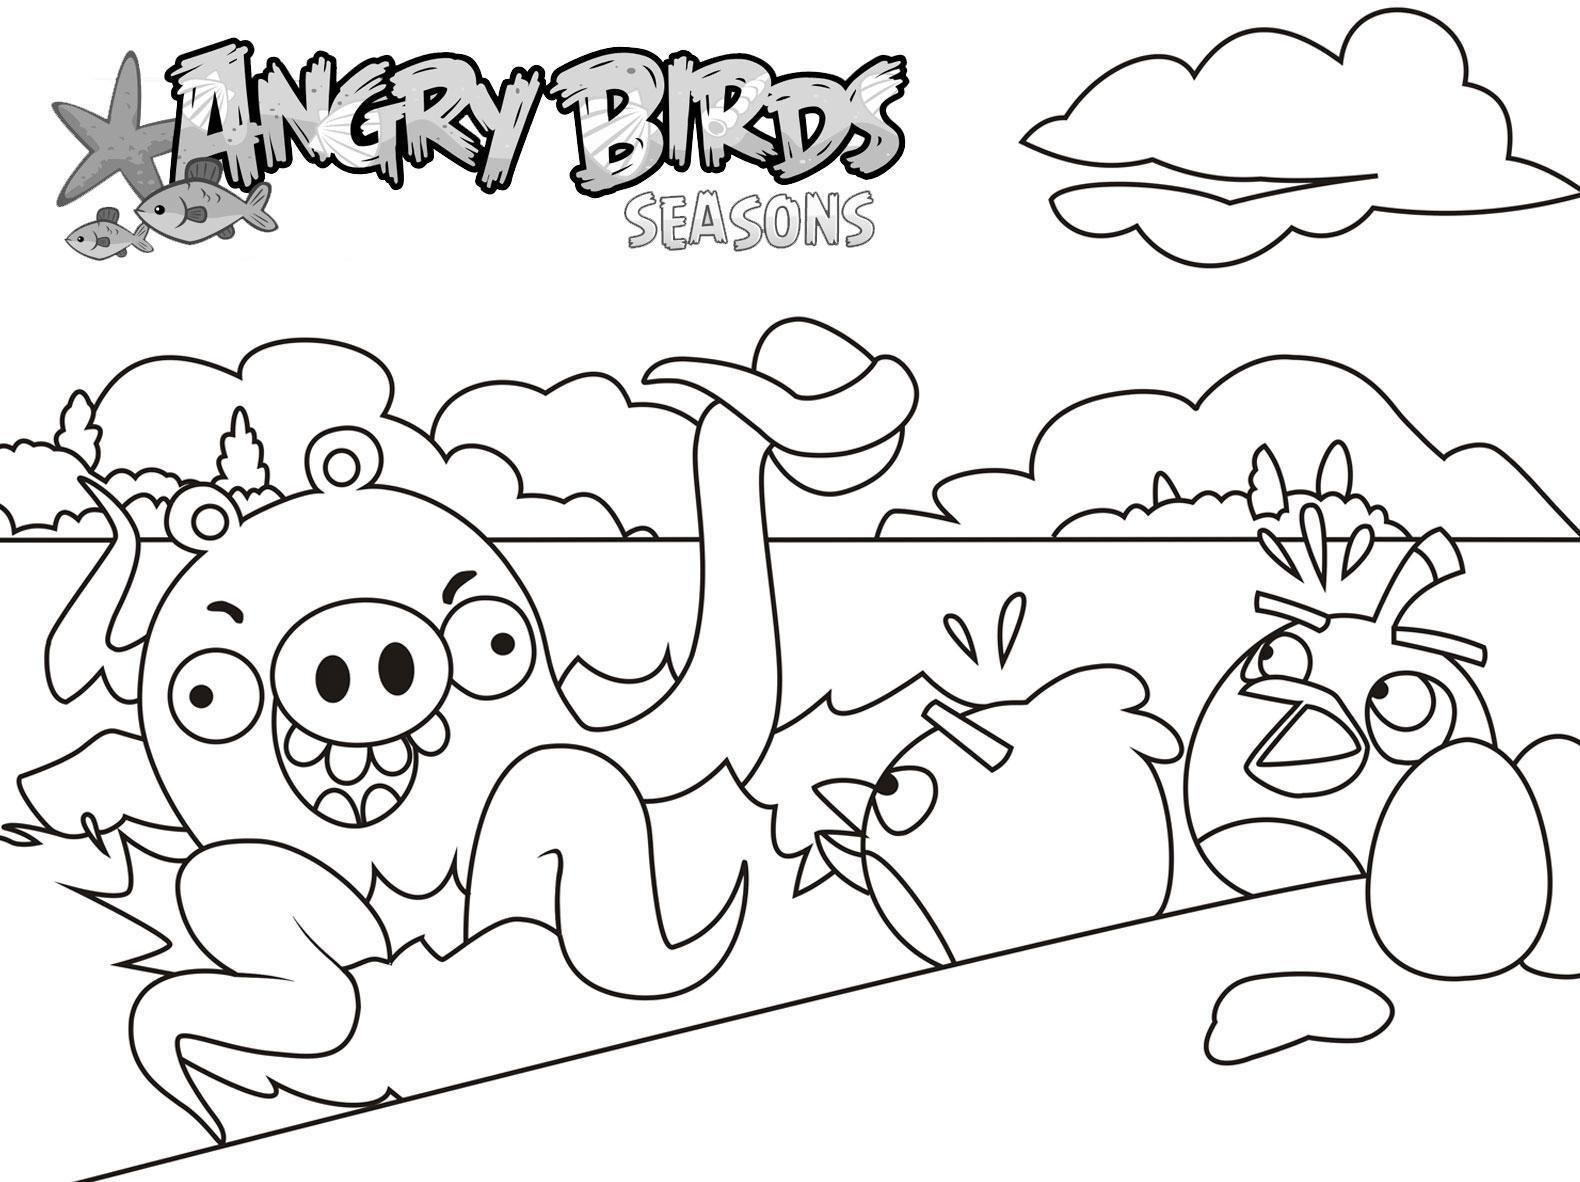 50 Bức Tranh To Mau Angry Birds Ngộ Nghĩnh Danh Cho Be Trong 2021 Trang To Mau Sach To Mau Angry Birds